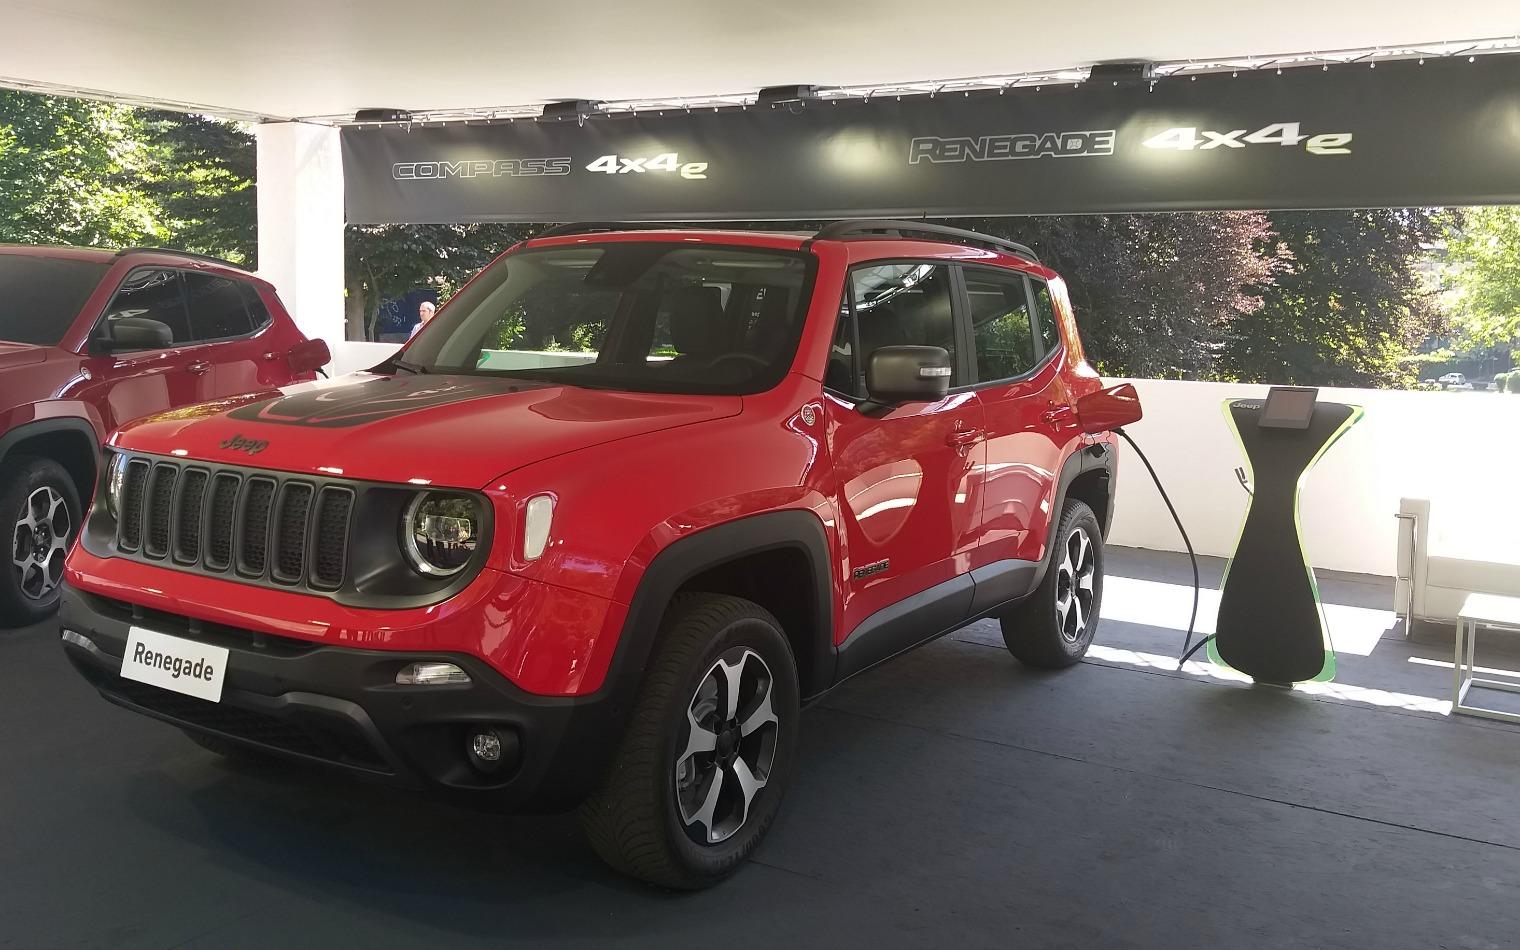 Esterni nuova Jeep Renegade 2019 Salone di Torino